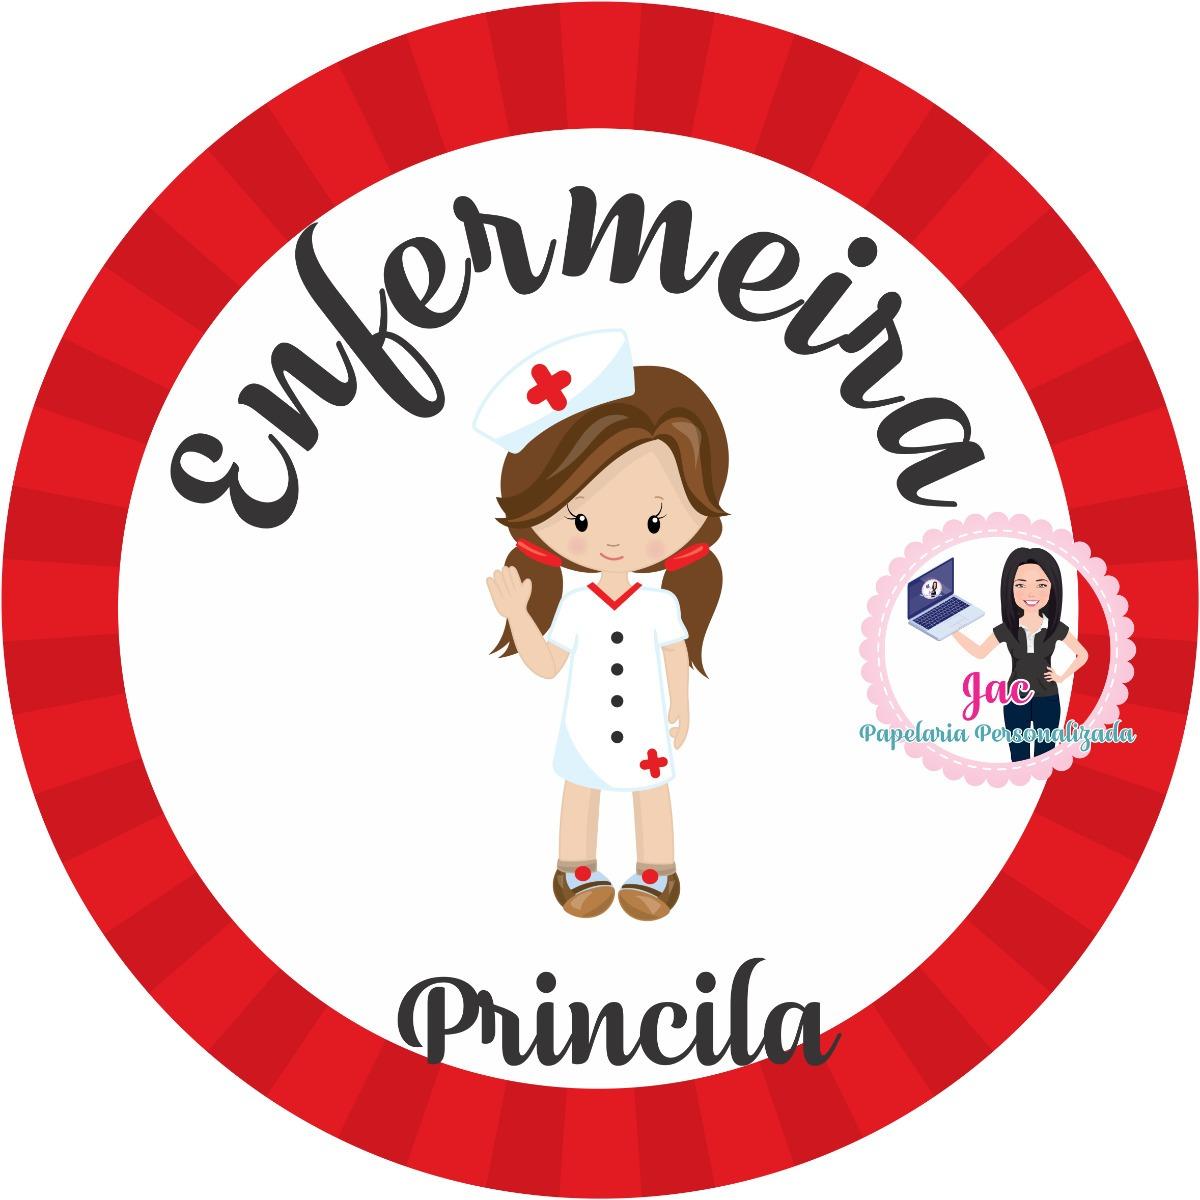 Adesivo De Chão Personalizado Sp ~ 100 Tags Adesivo Personalizados Tema Enfermagem E Medicina R$ 16,50 em Mercado Livre